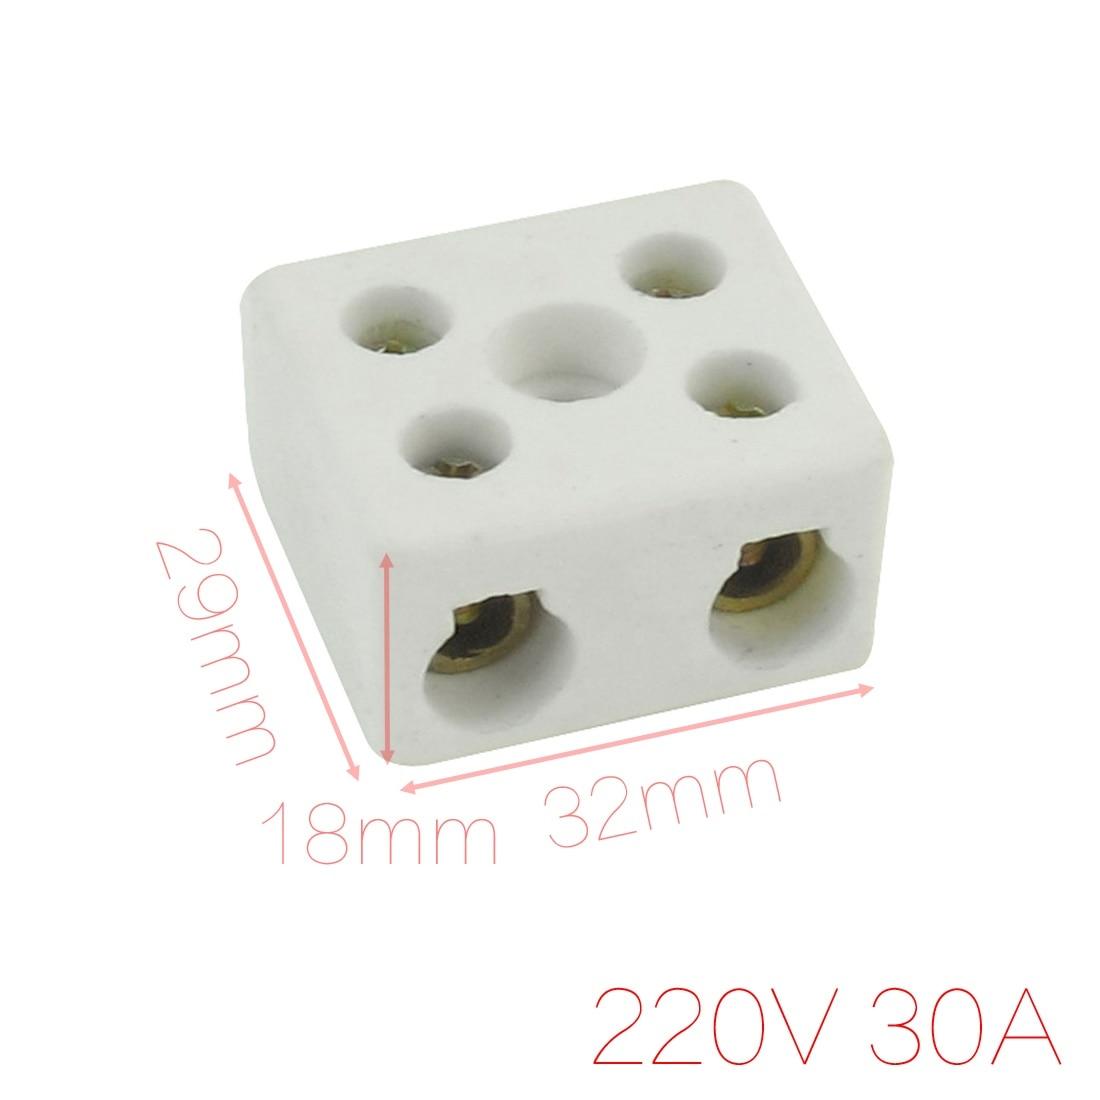 Diâmetro duplo do conector do fio da fileira de uxcell 220v 30a 2 posição 6mm bloco terminal cerâmico branco 32x29x18mm